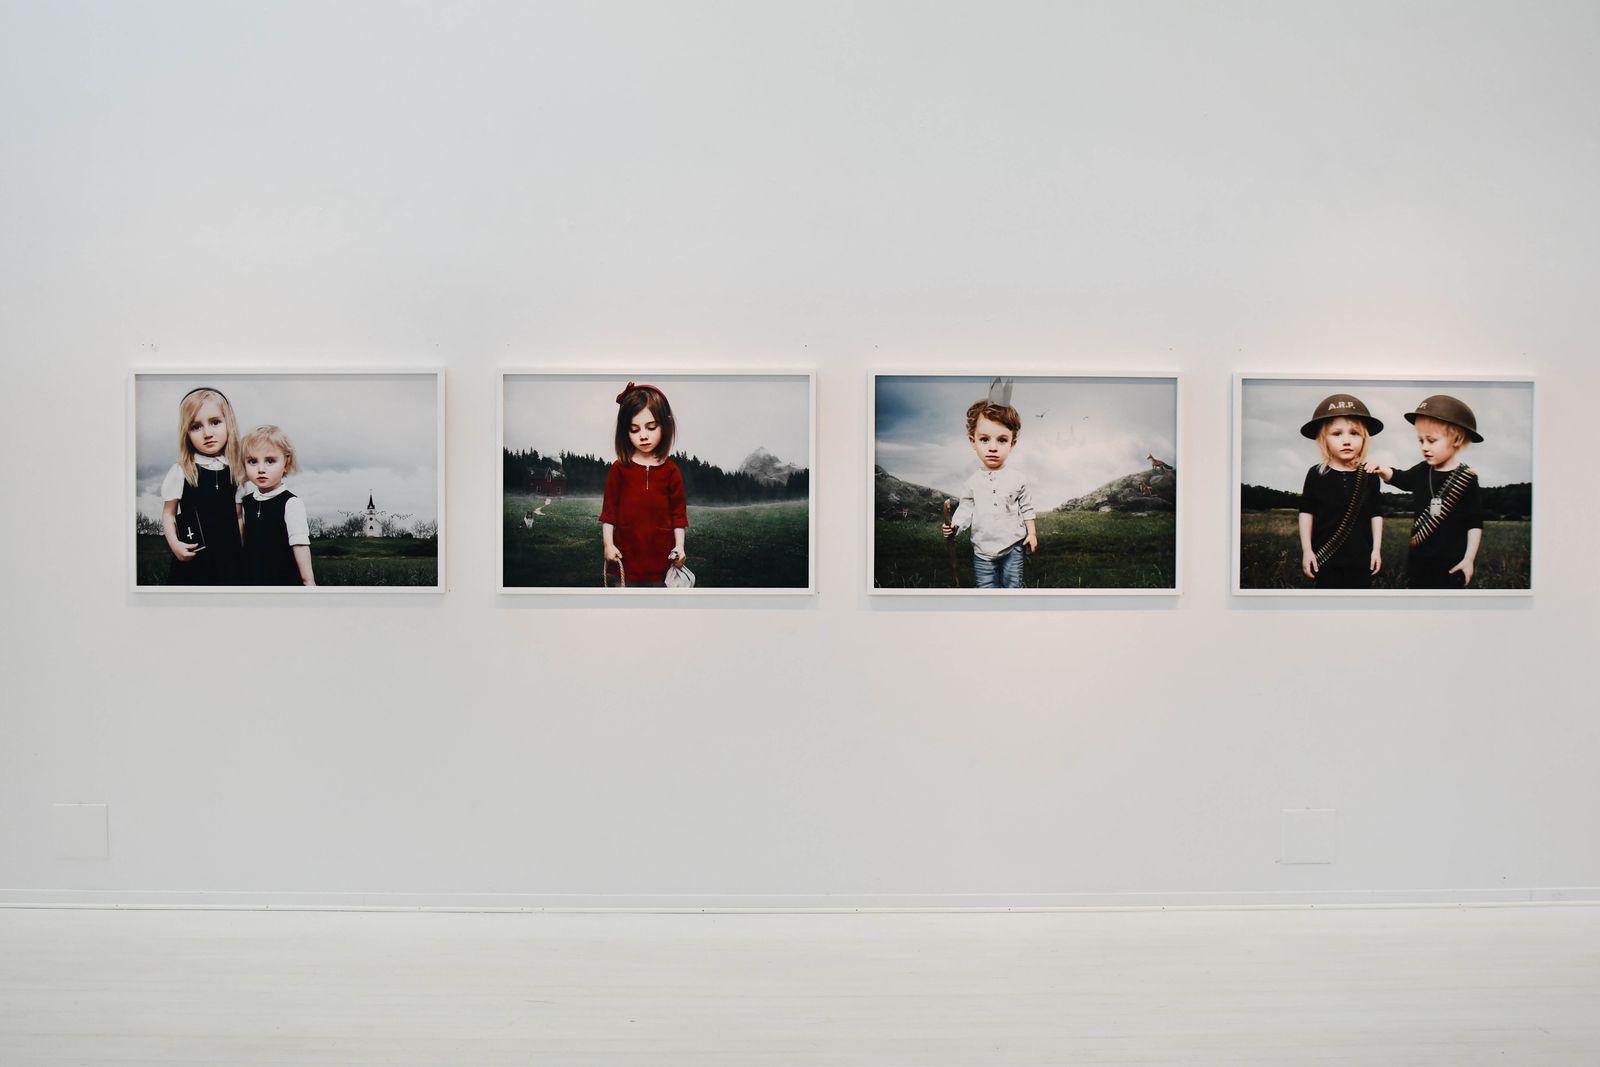 På övre plan visar Saga Wendotte fotografier från tre olika serier. Bilderna i sviten Little People har ett mörkt sagotema.